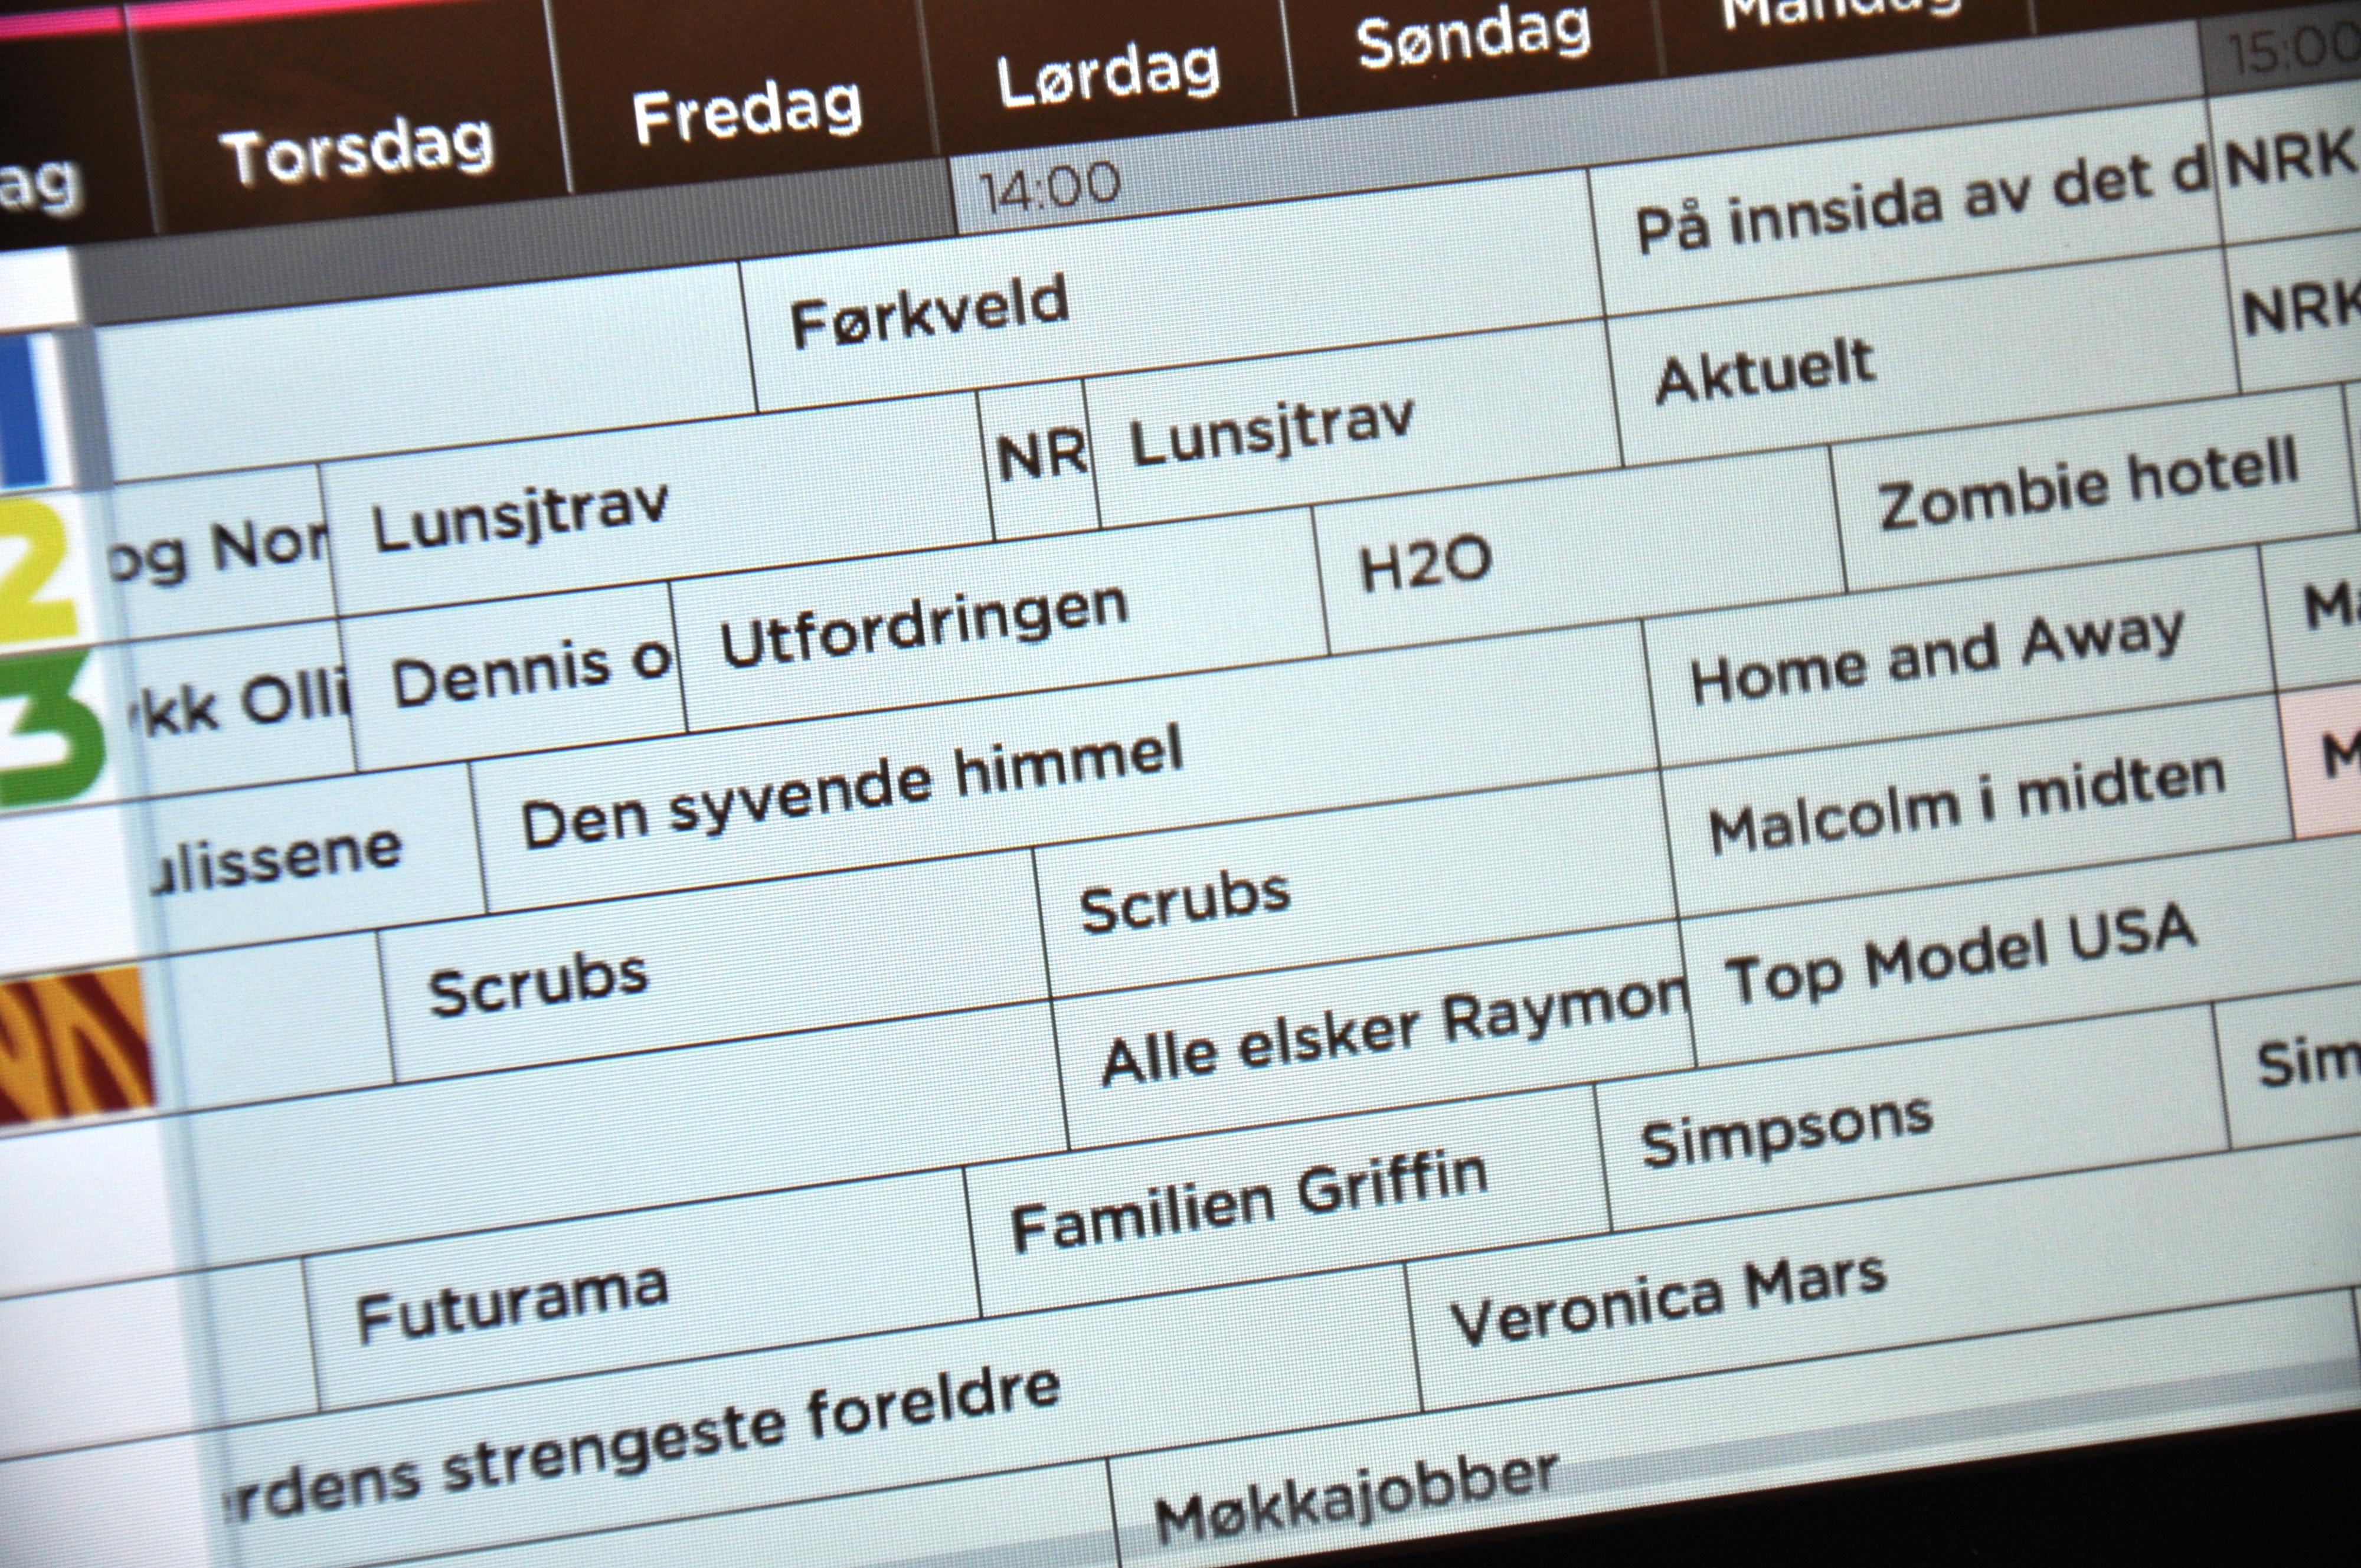 Hva går på TV i dag mon tro?